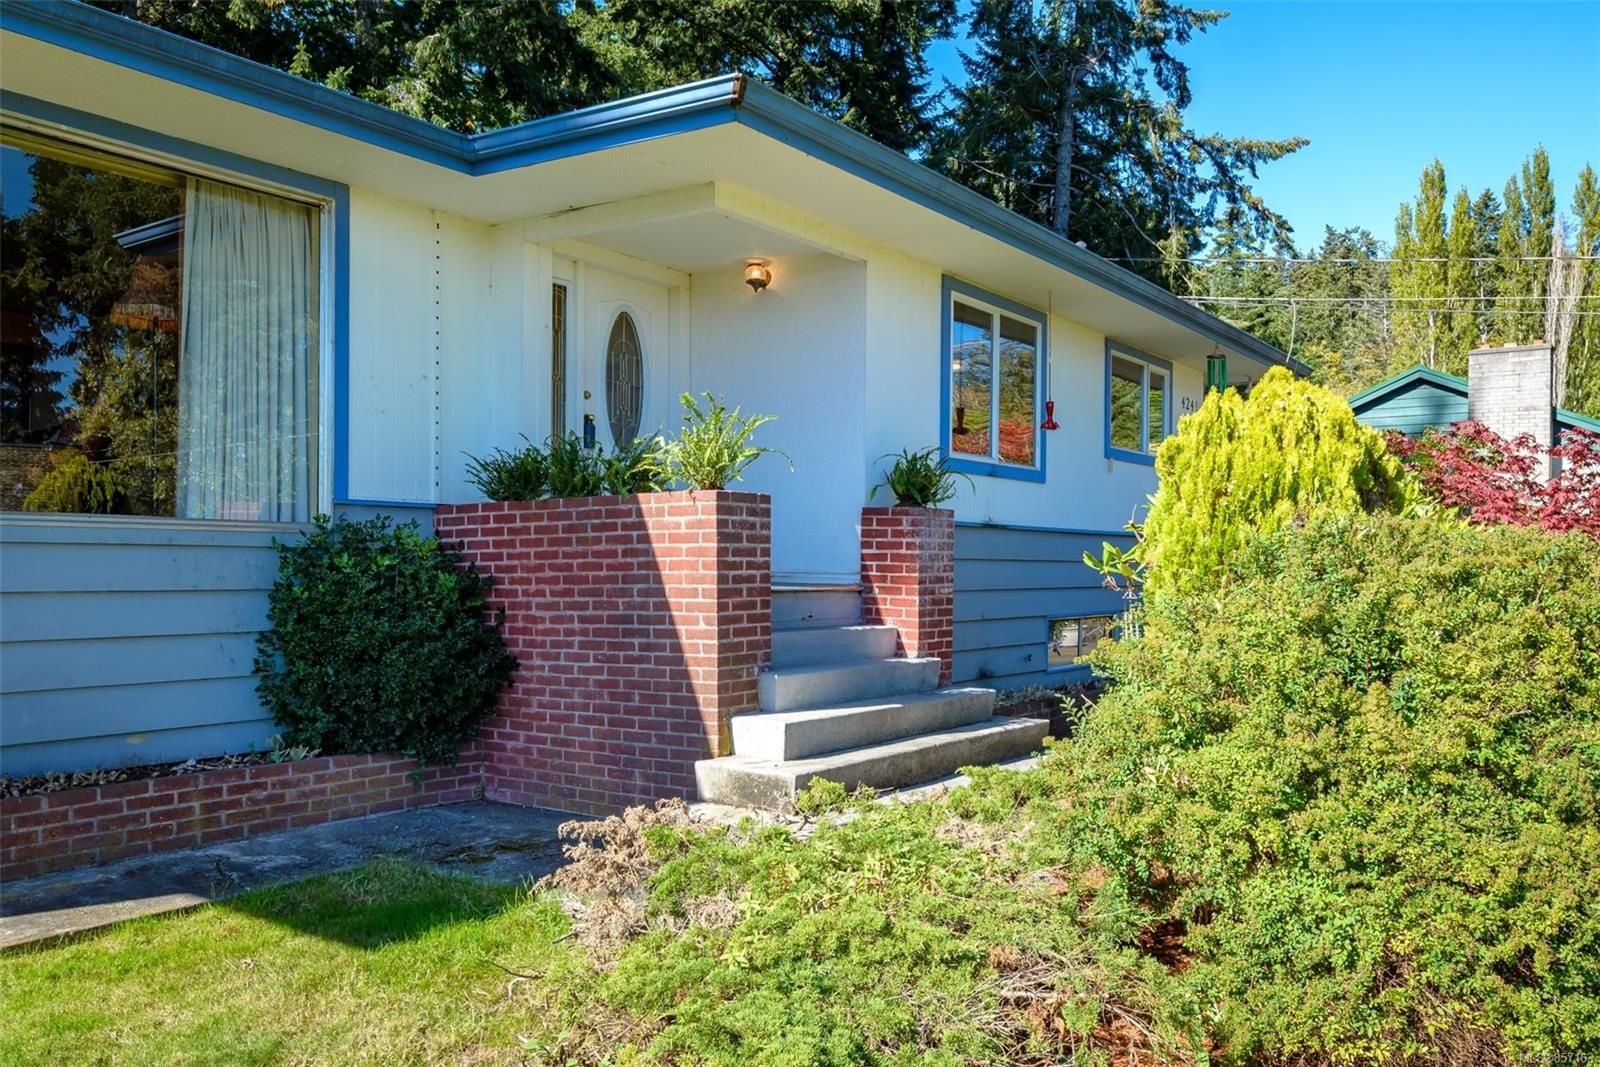 Photo 5: Photos: 4241 Buddington Rd in : CV Courtenay South House for sale (Comox Valley)  : MLS®# 857163